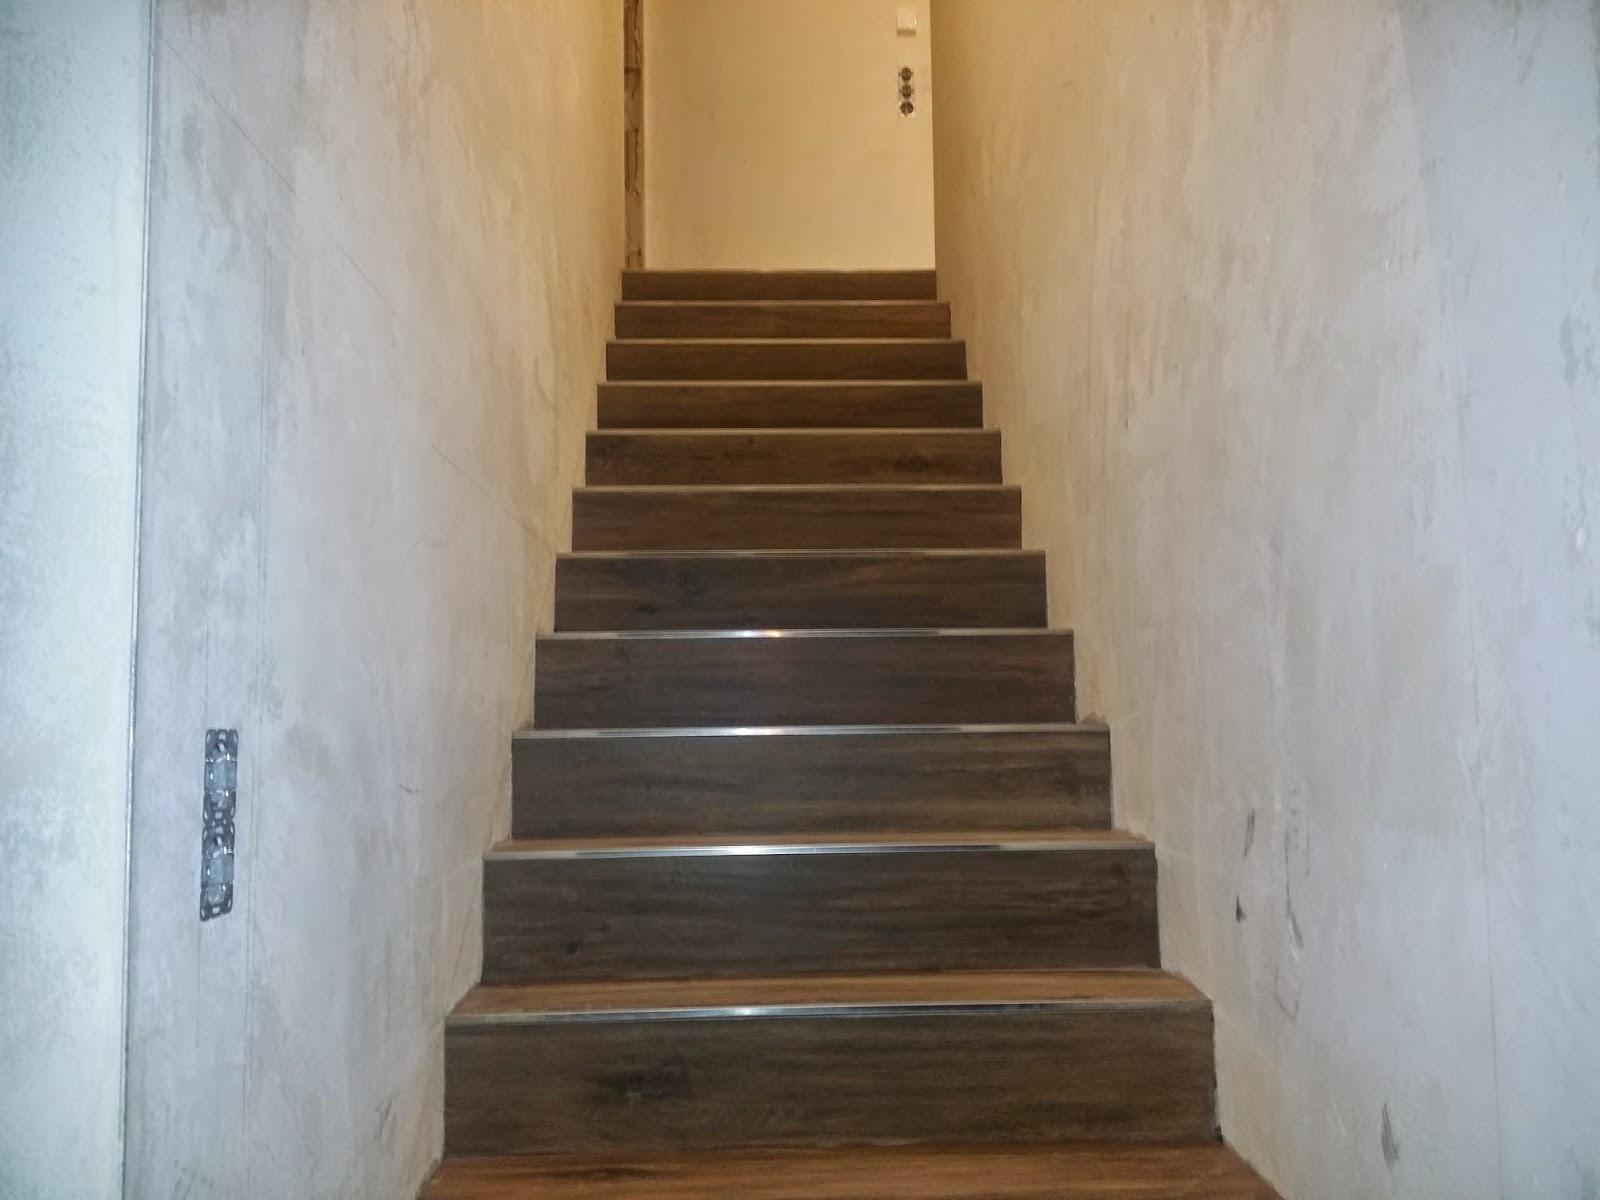 baublog wir bauen in neesbach vorbegehung und treppenfliesen. Black Bedroom Furniture Sets. Home Design Ideas